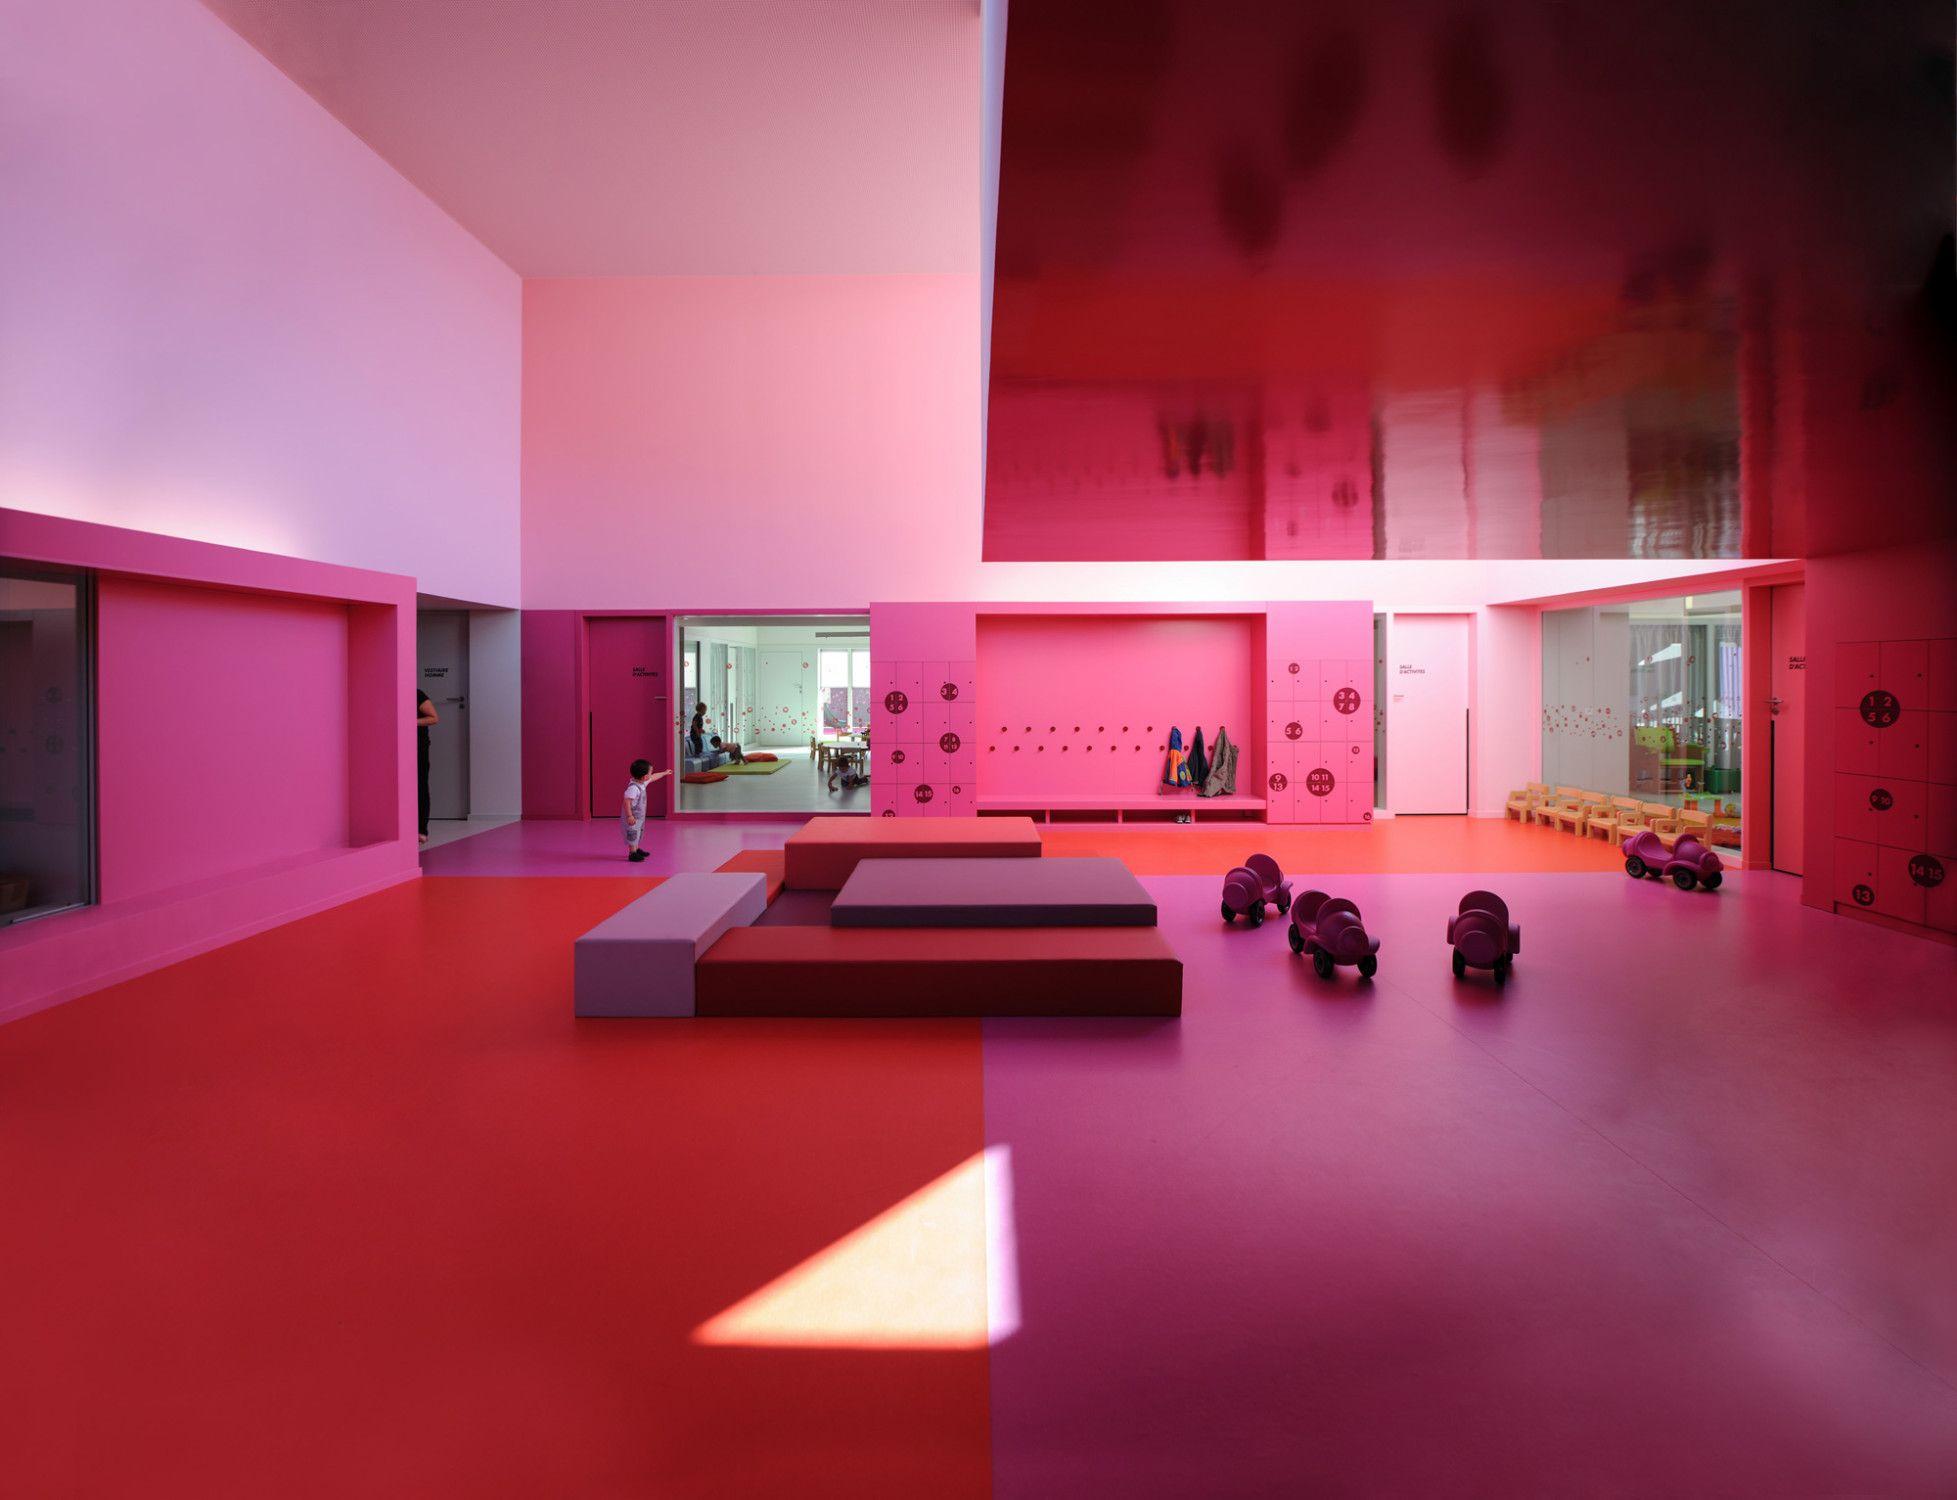 die unterseite des w rfels ist im gegensatz zu allen. Black Bedroom Furniture Sets. Home Design Ideas